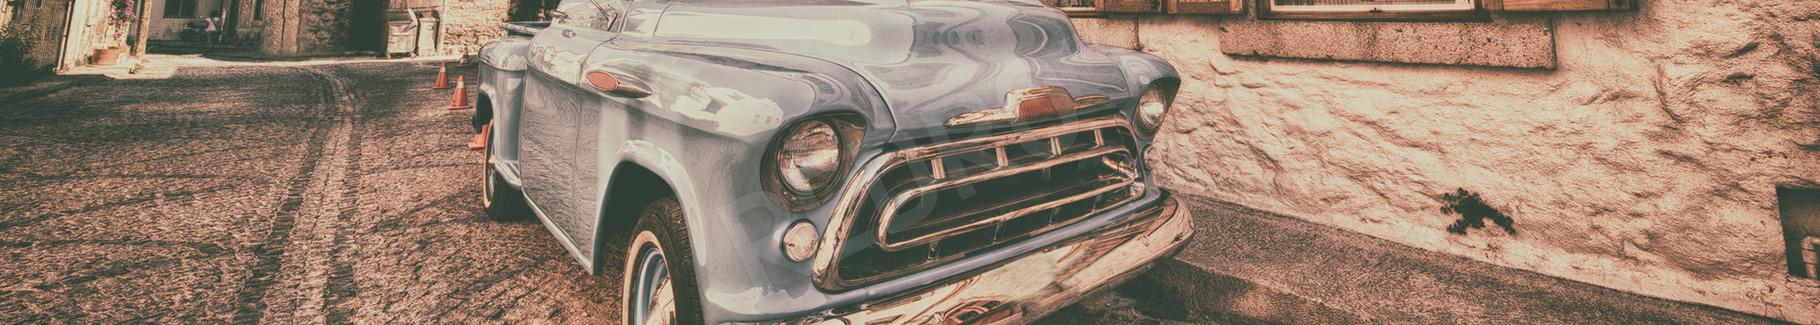 Obraz stary samochód vintage do salonu